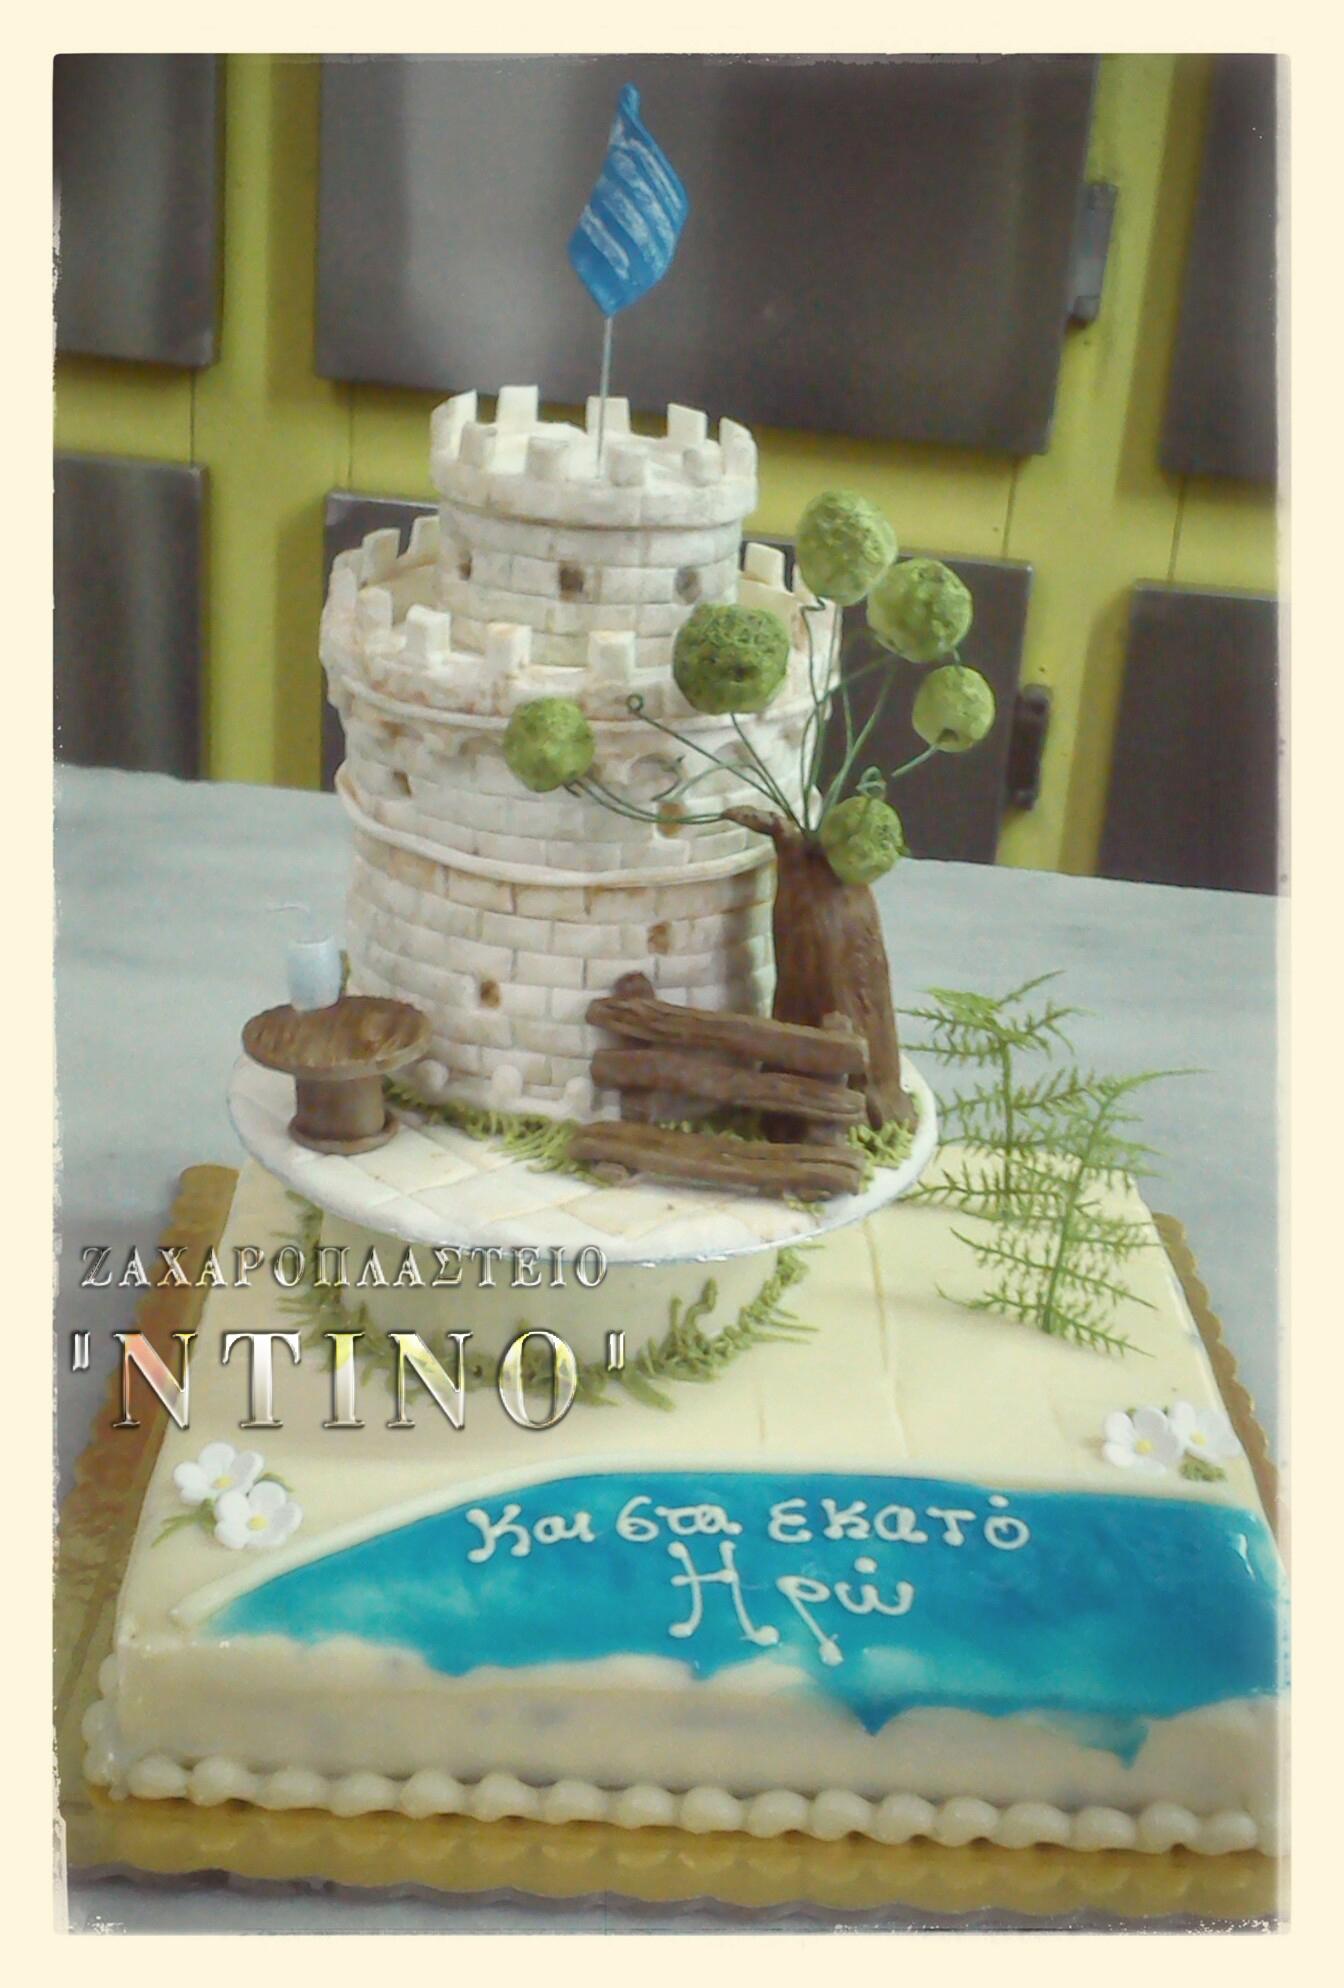 thessalonikis white castle